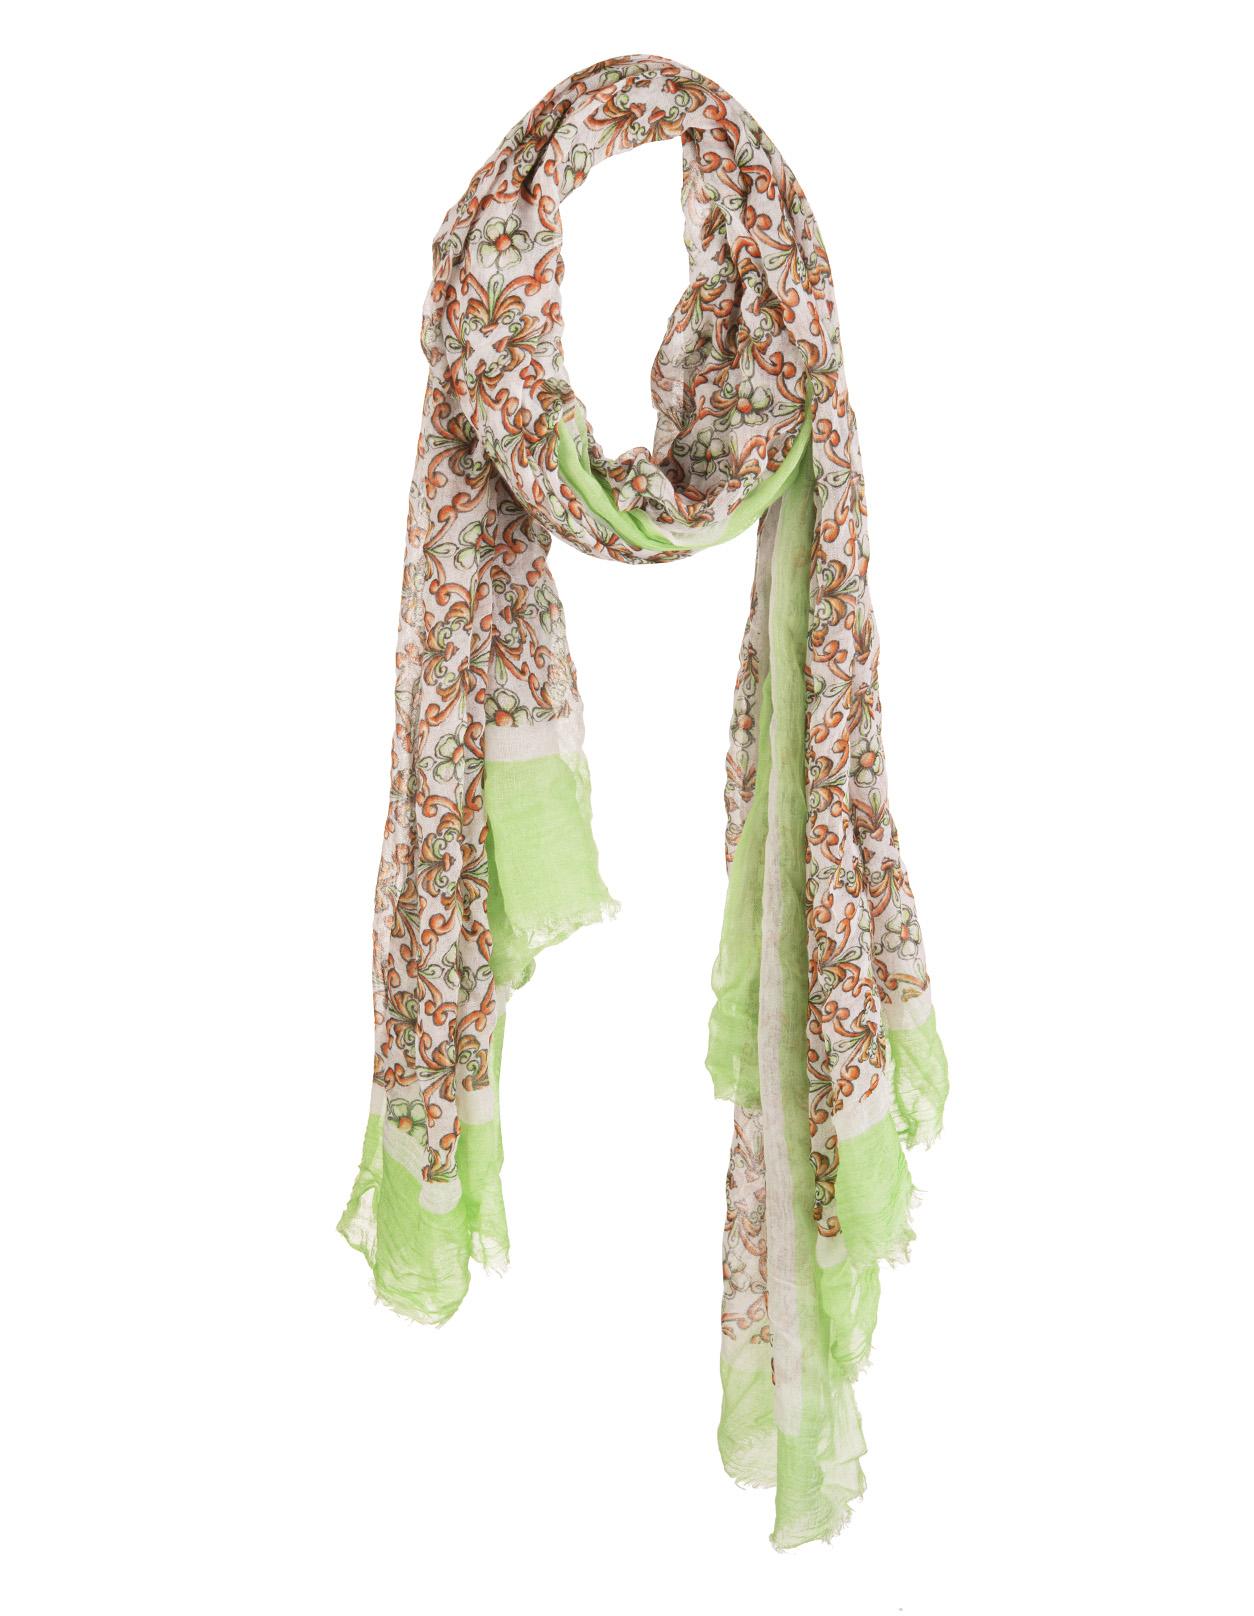 design innovativo imbattuto x stile di moda del 2019 Sciarpa Bianca Con Maioliche Arancioni e Verde Chiaro